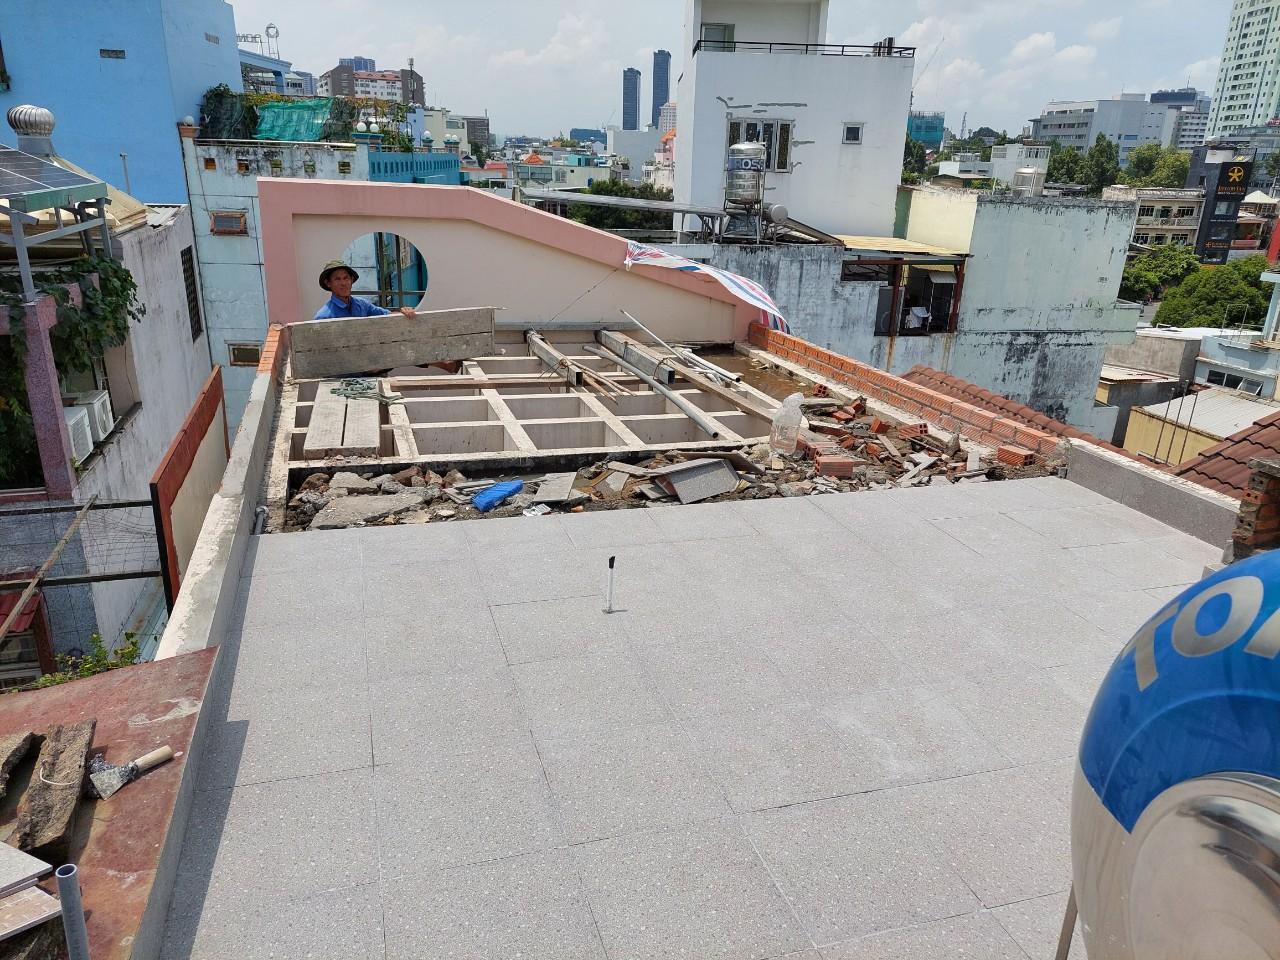 chong tham san thuong trong cay 3 - Chống thấm sân thượng để trồng cây giá rẻ - uy tín tại TPHCM